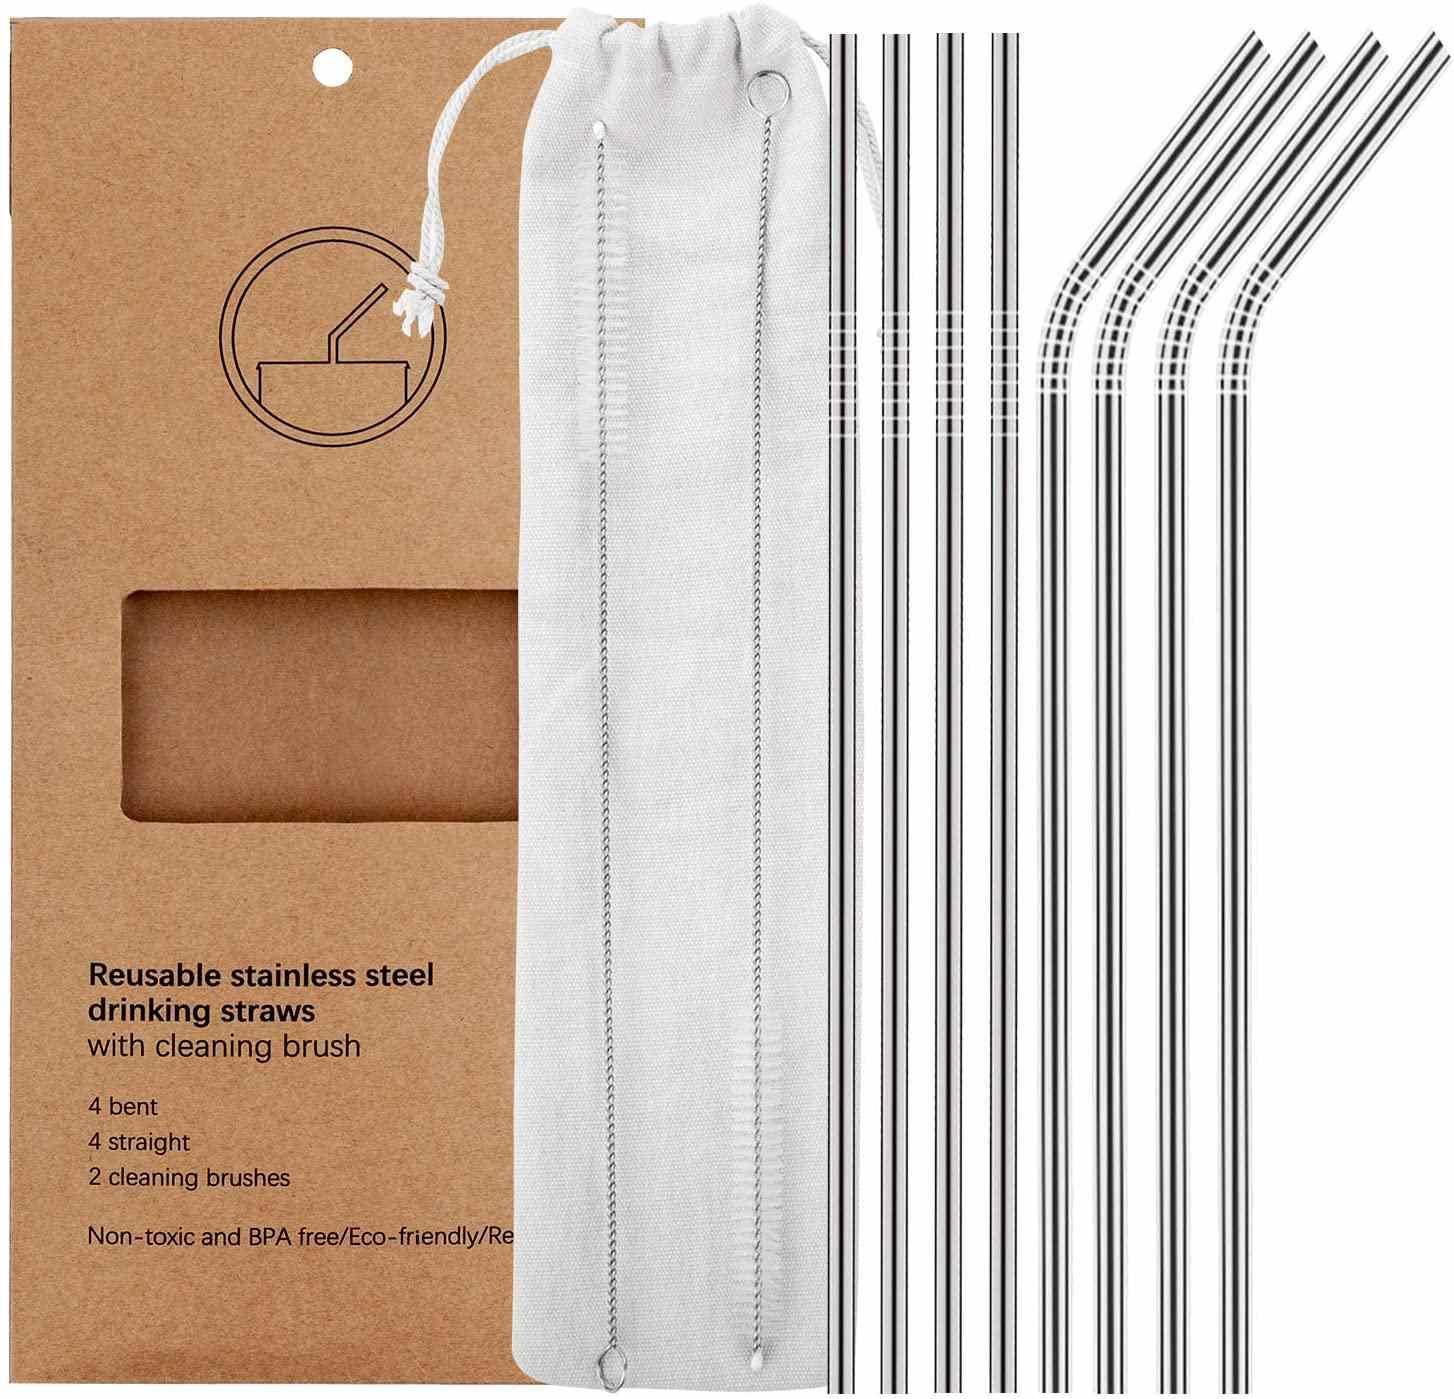 YIHONG Set of 8 Stainless Steel Metal Straws